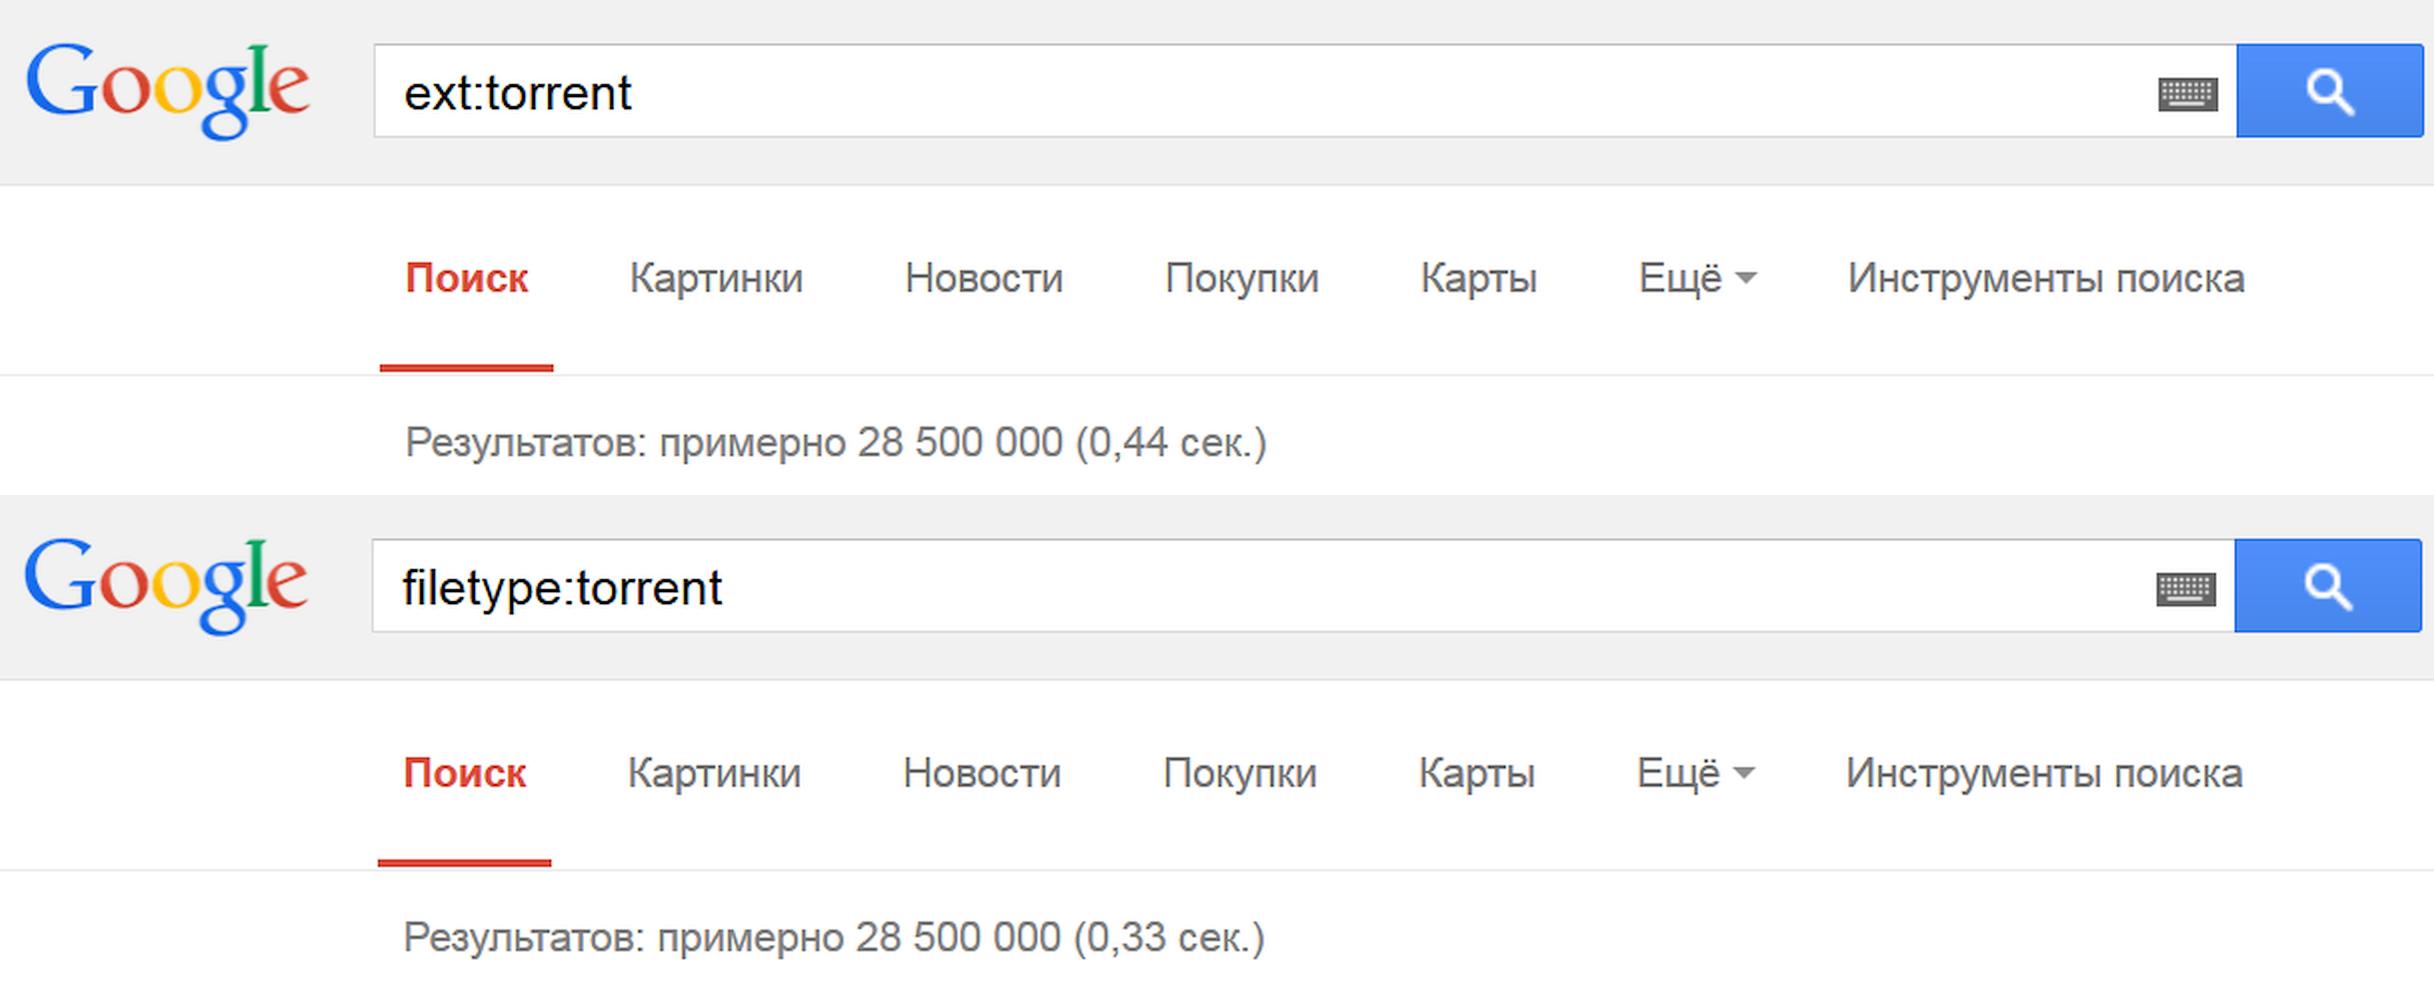 Результаты поиска с filetype и ext теперь одинаковые